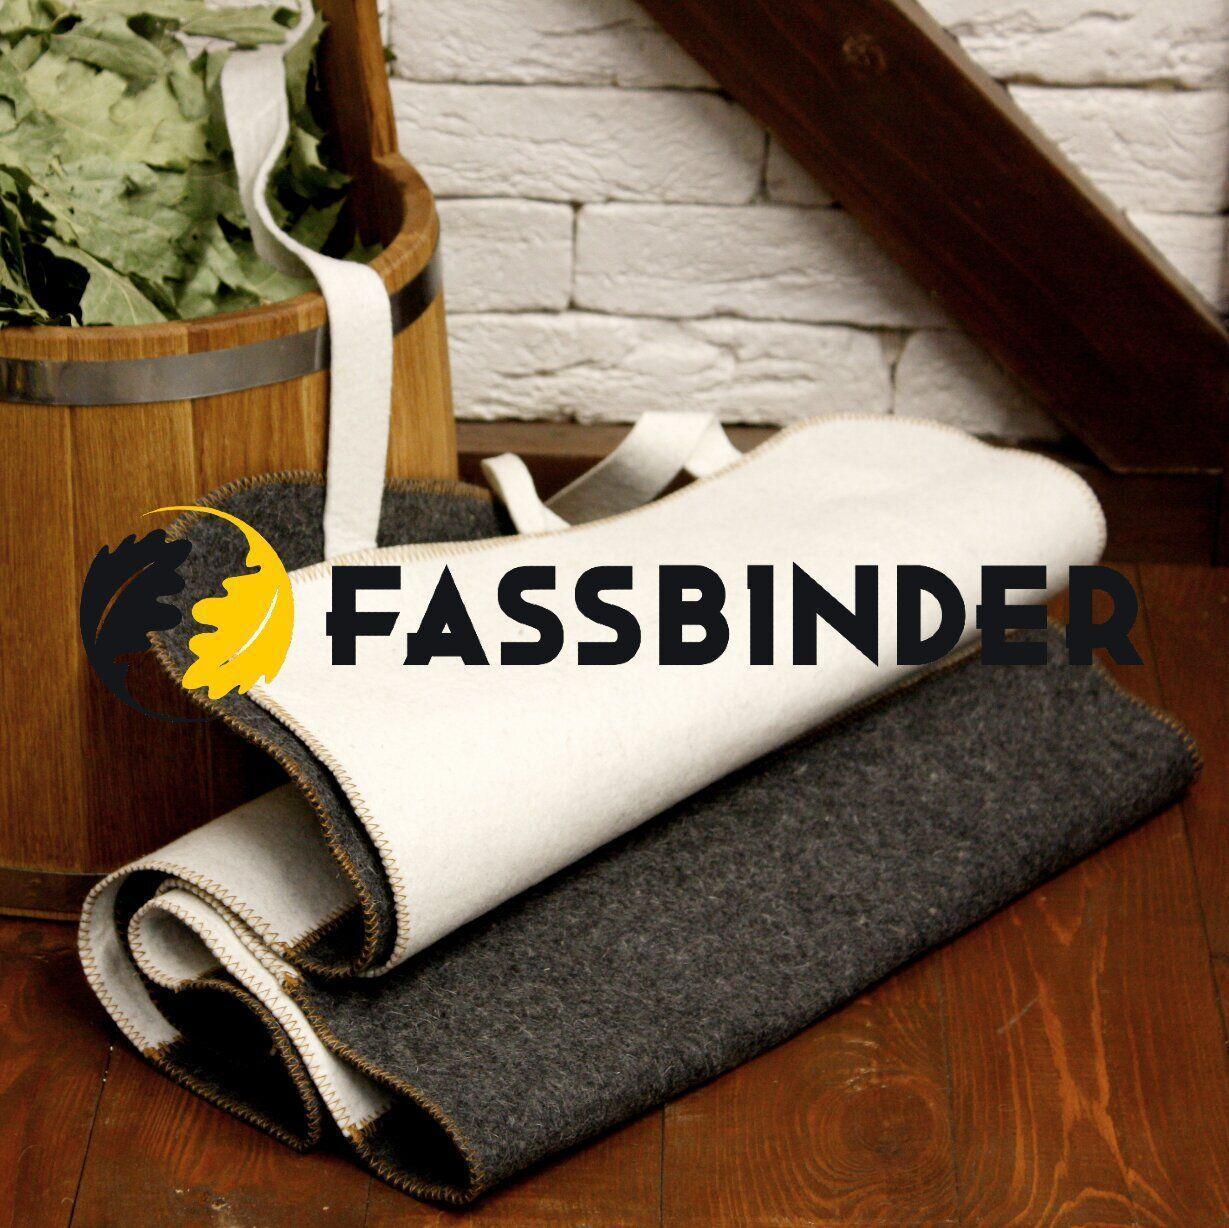 Коврик для сауны Fassbinder™ 180х50 см, натуральный войлок